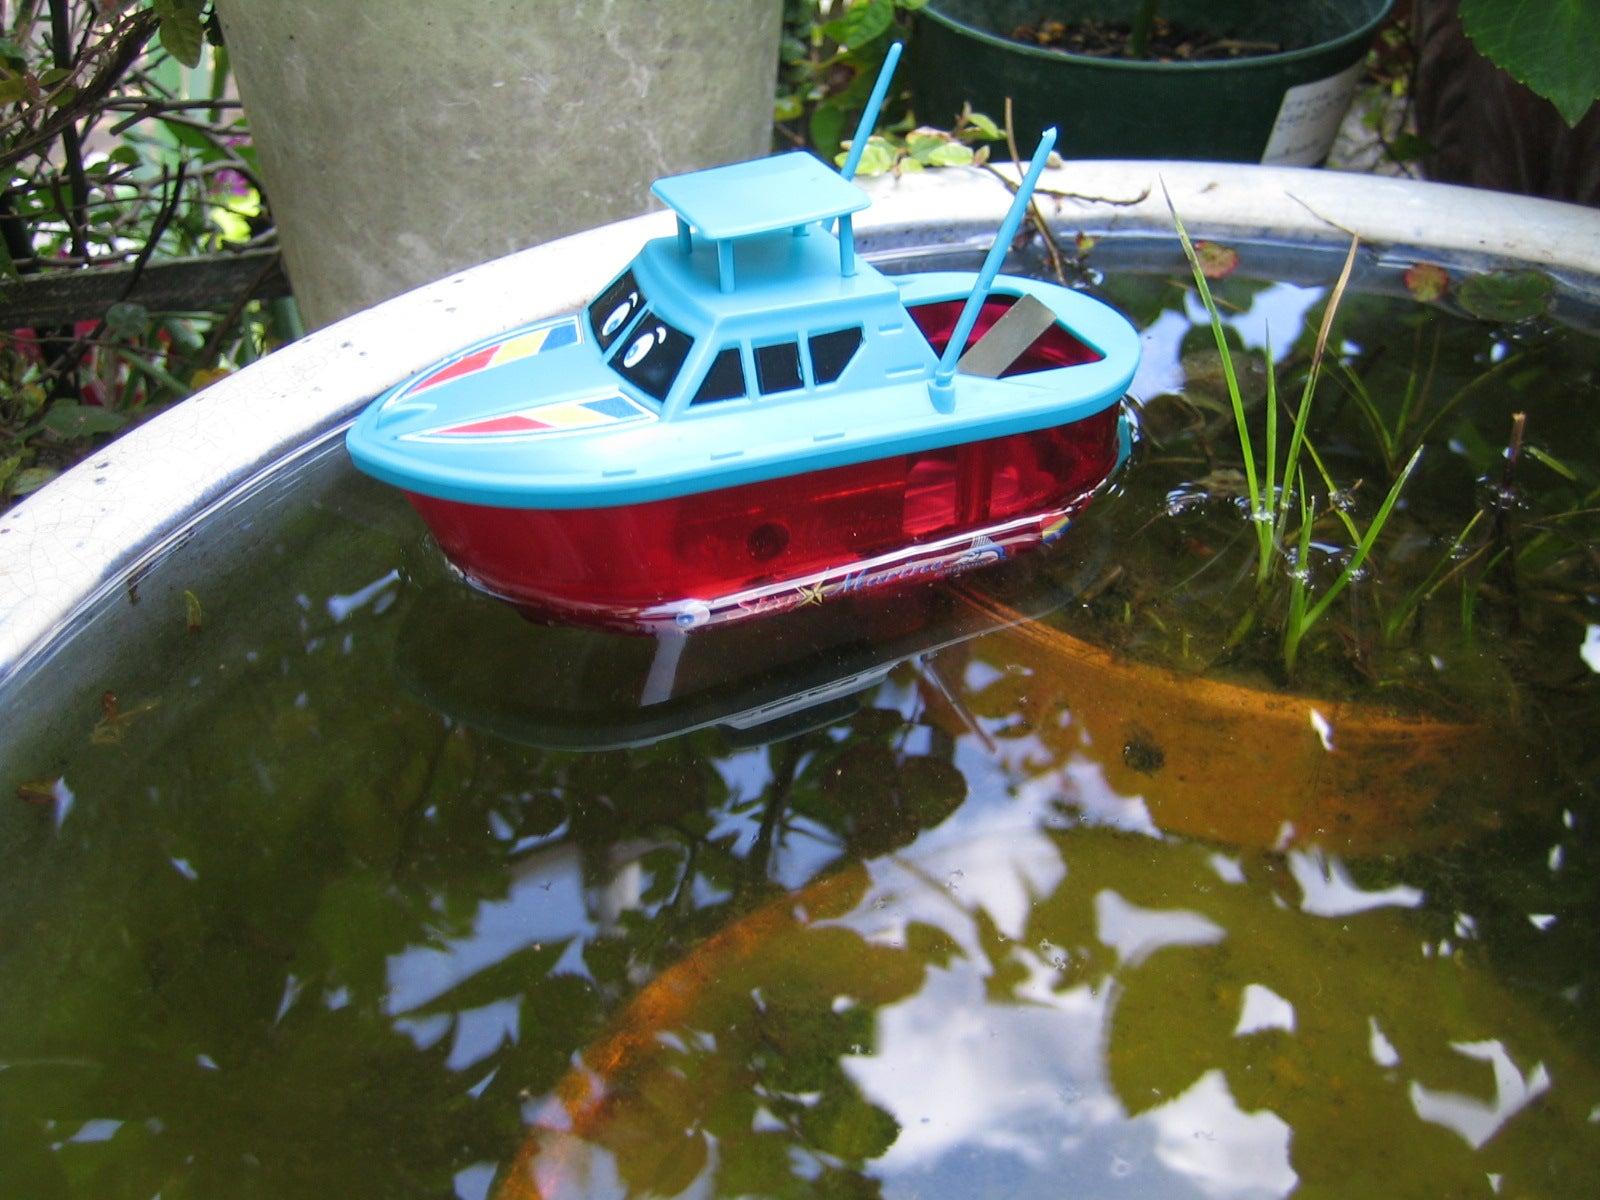 船 作り方 ポンポン